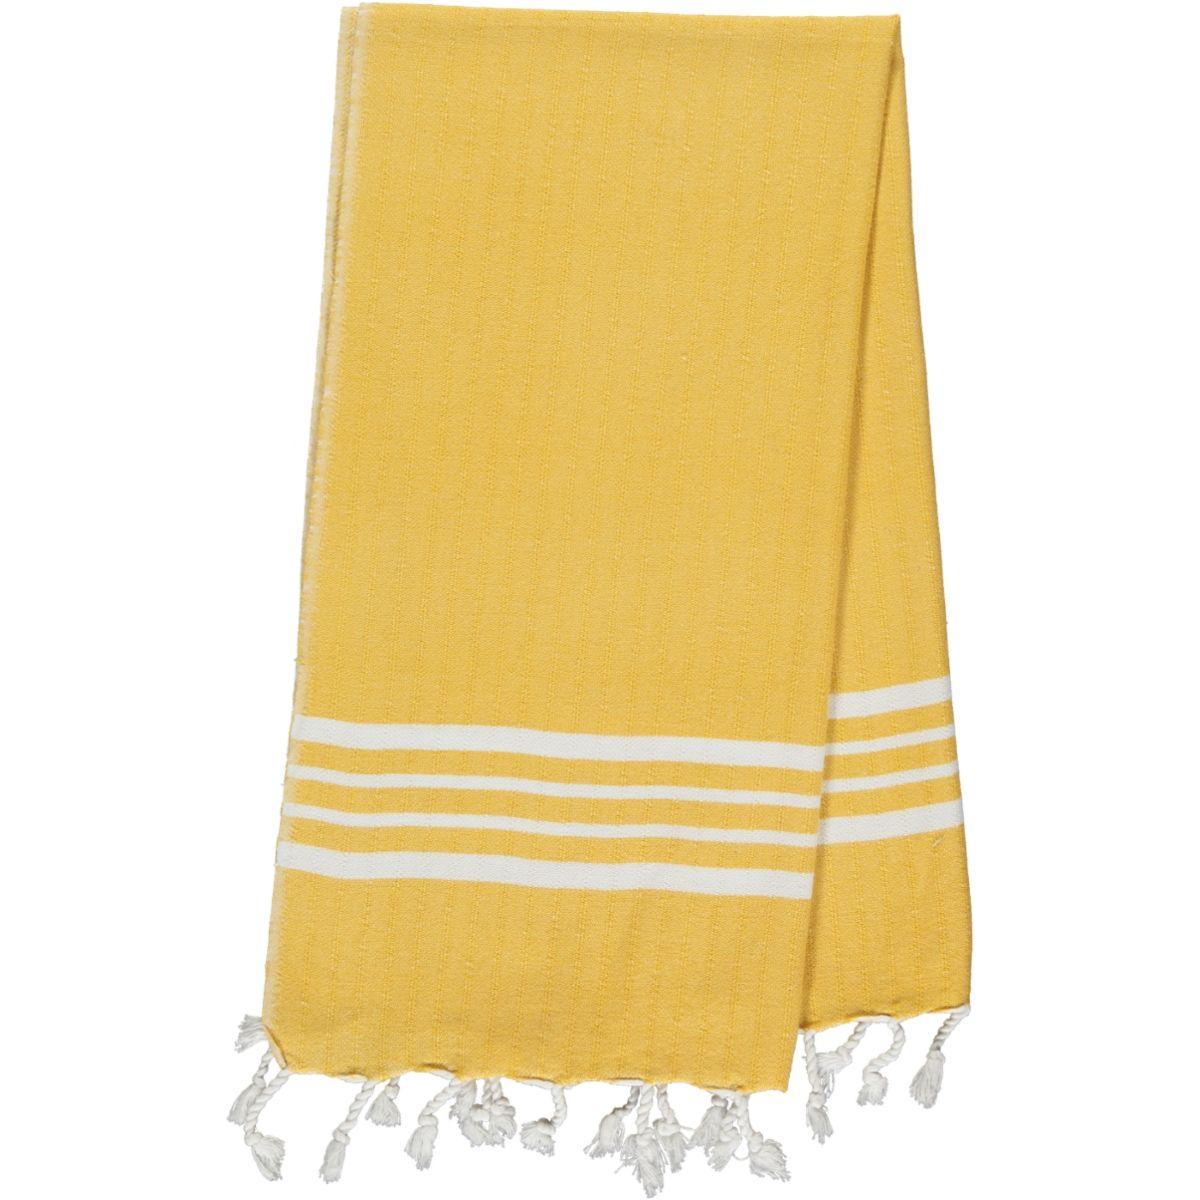 Peshkir - White Sultan / Yellow